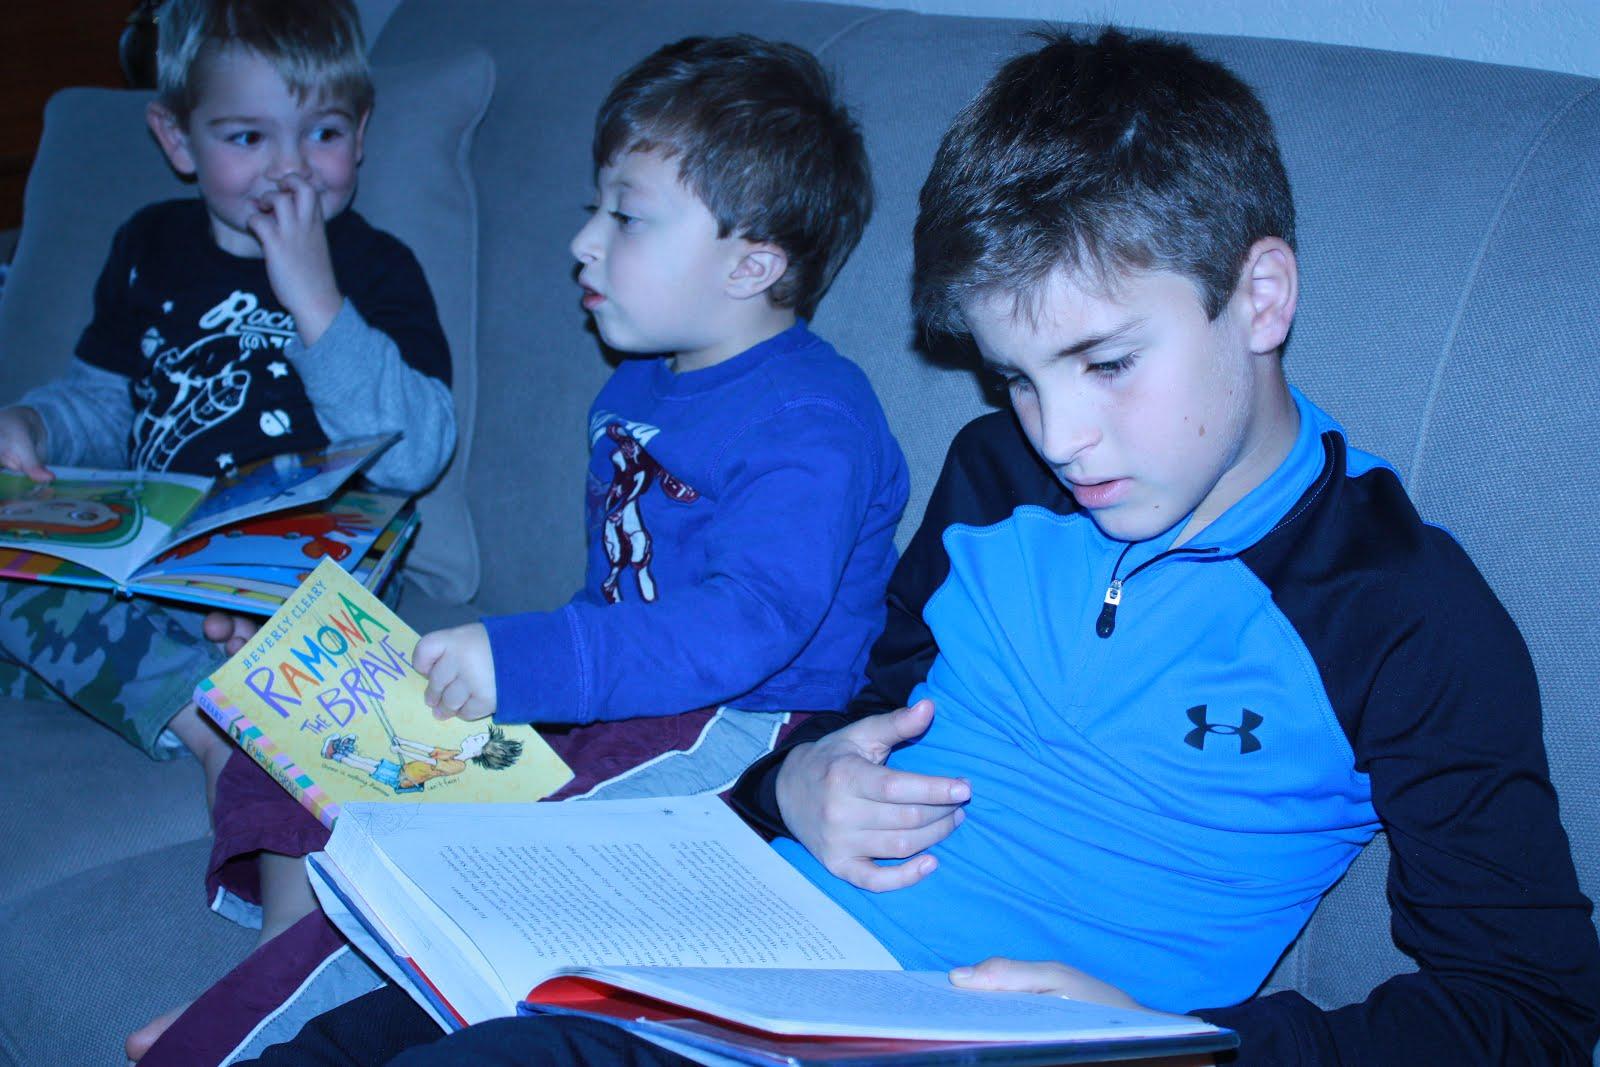 Three boys I love